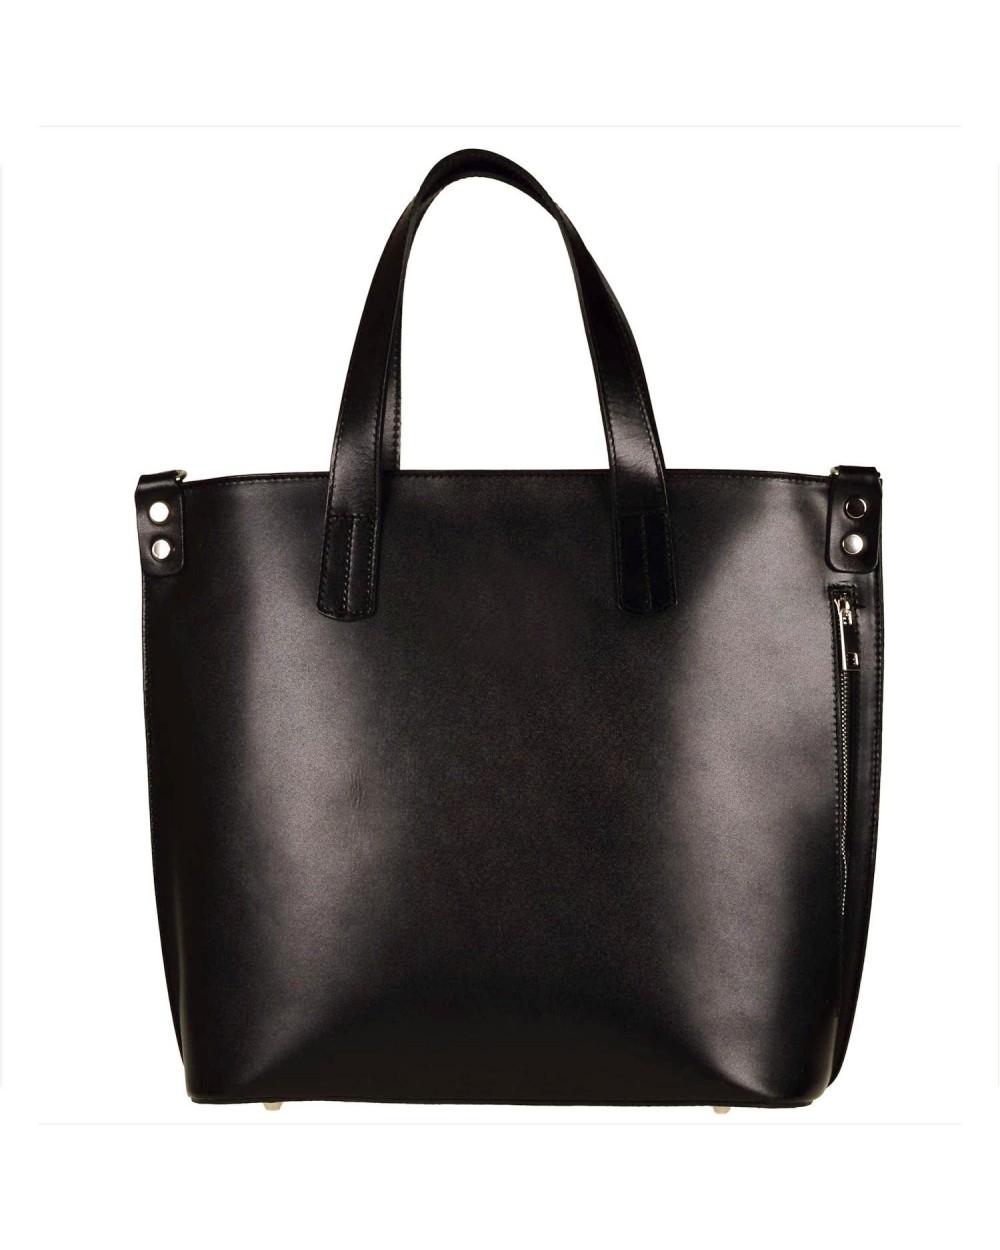 b9ef3e2d7cc49 Shopper bag skórzana torba damska XL czarna - Sklep internetowy ...